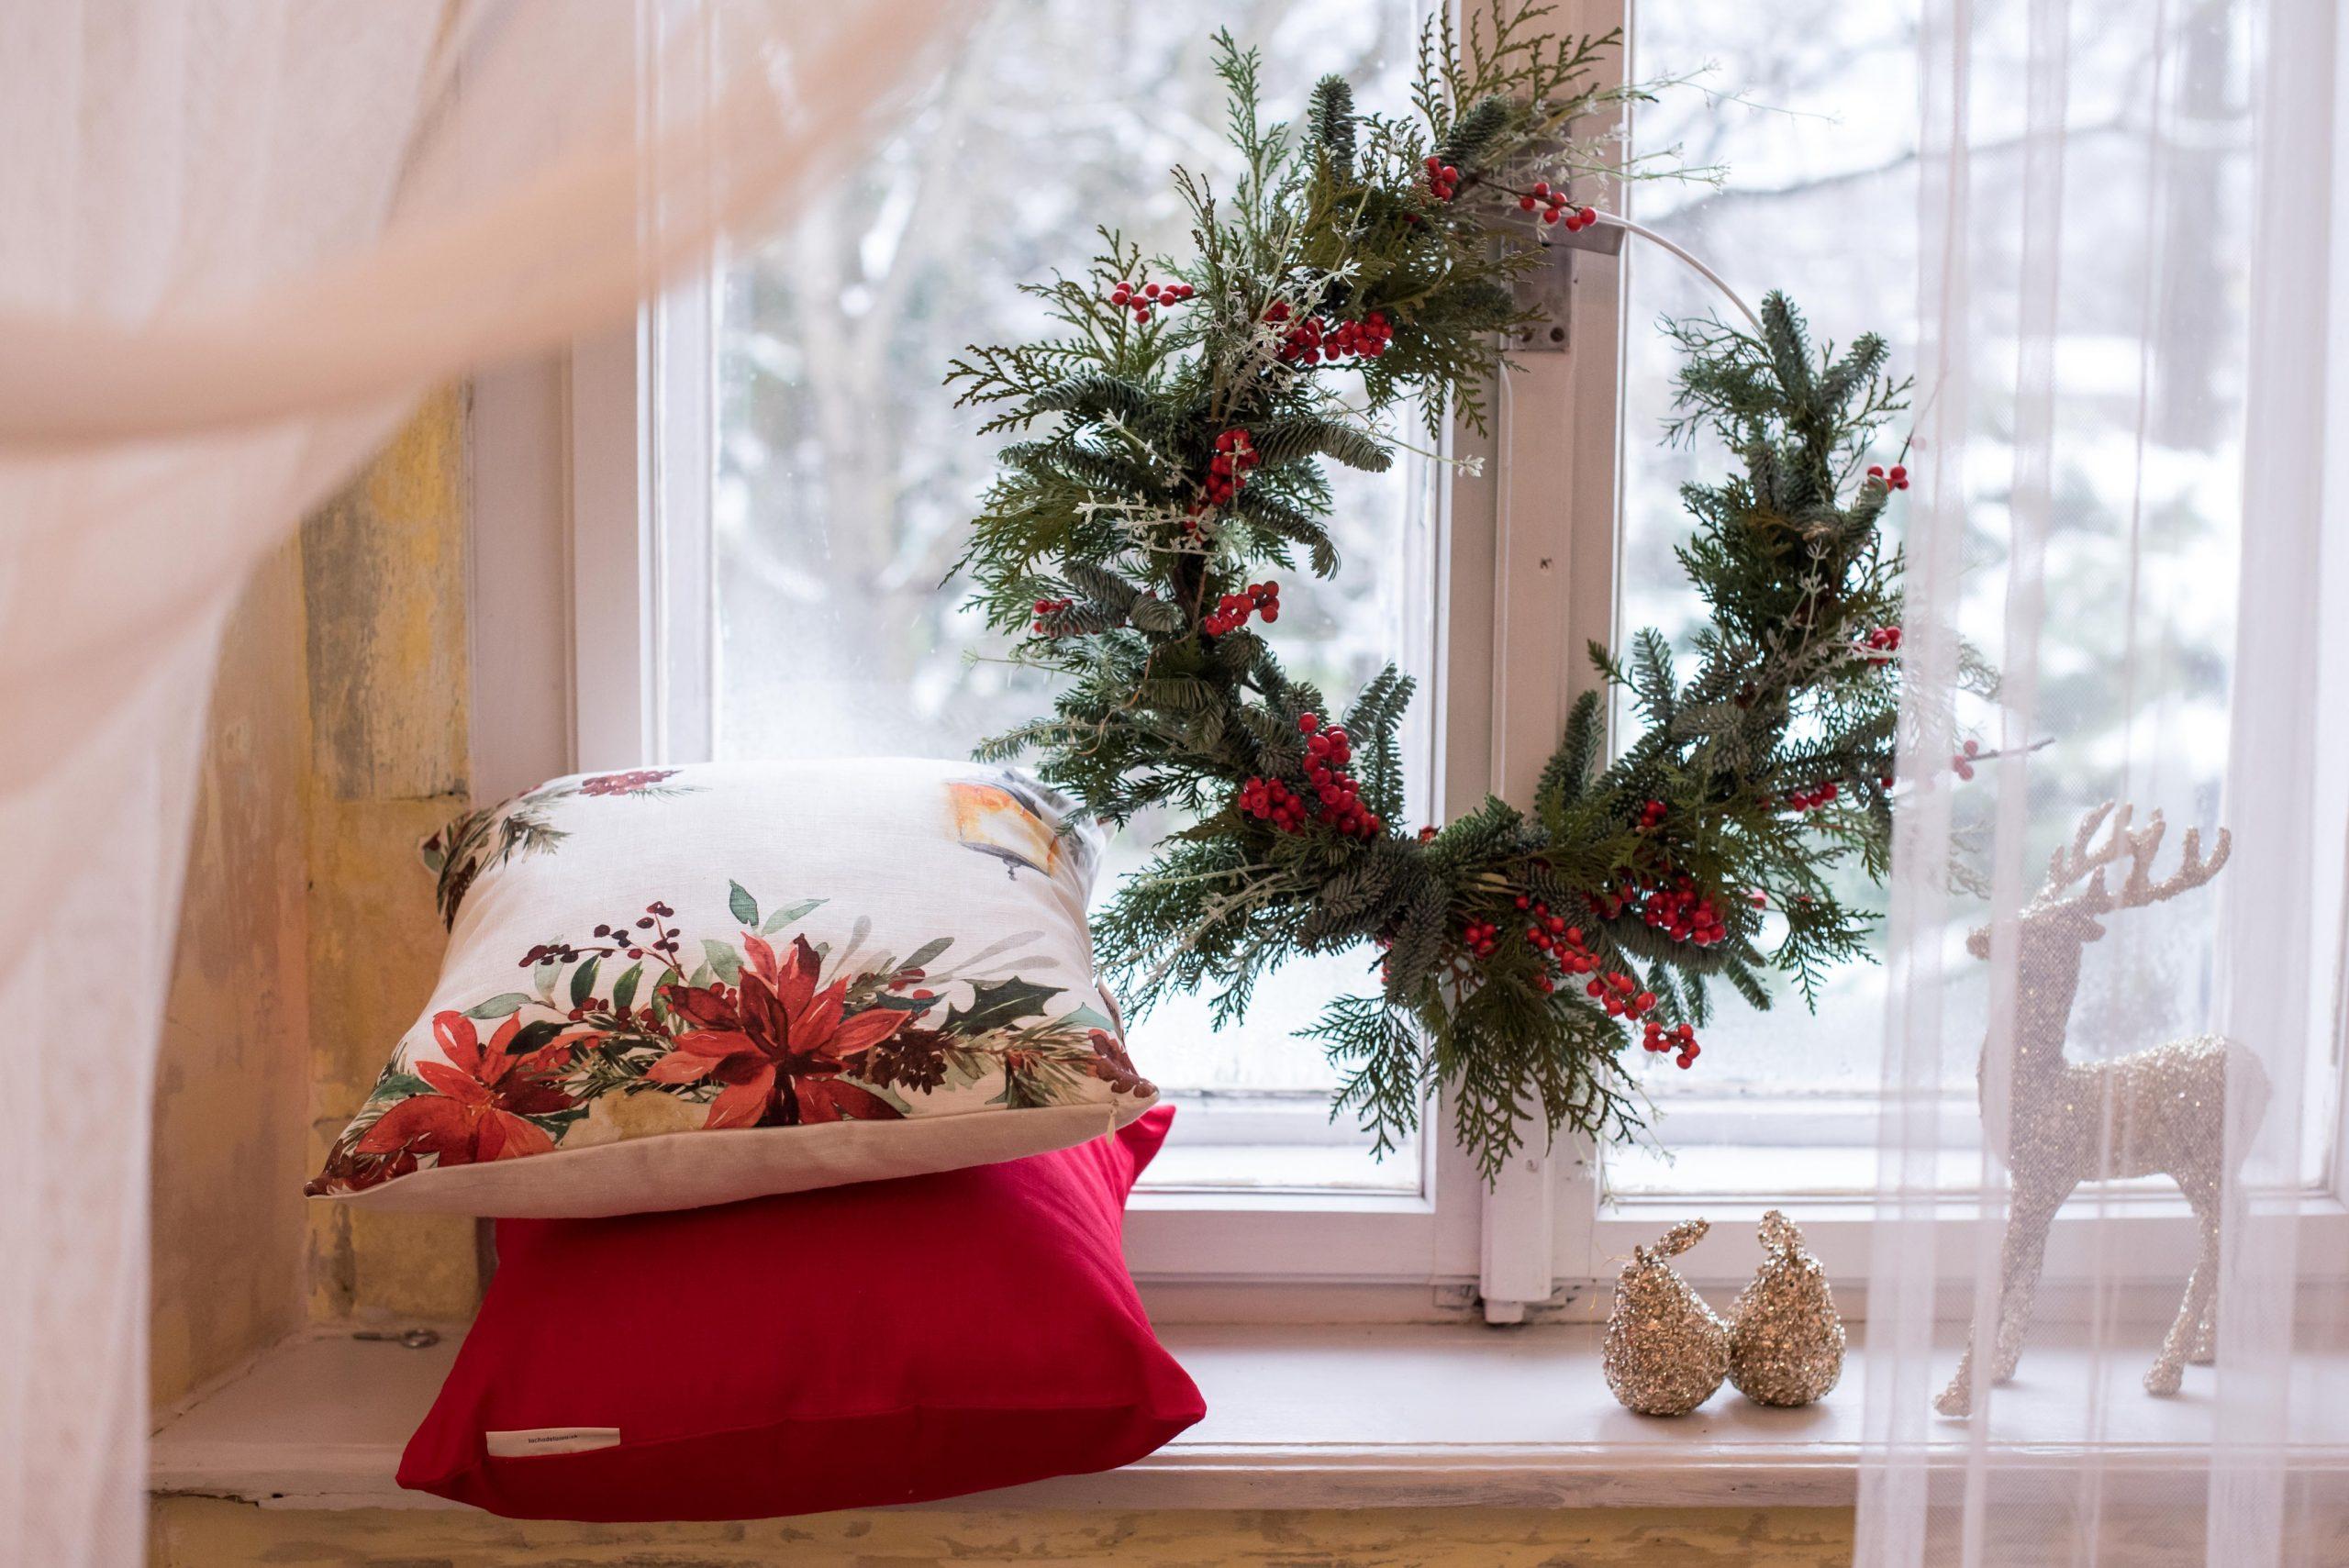 Vianočná atmosfére,čečinový veniec zavesený v okne,na parapete poukladané vianočné vankúše a ozdoby